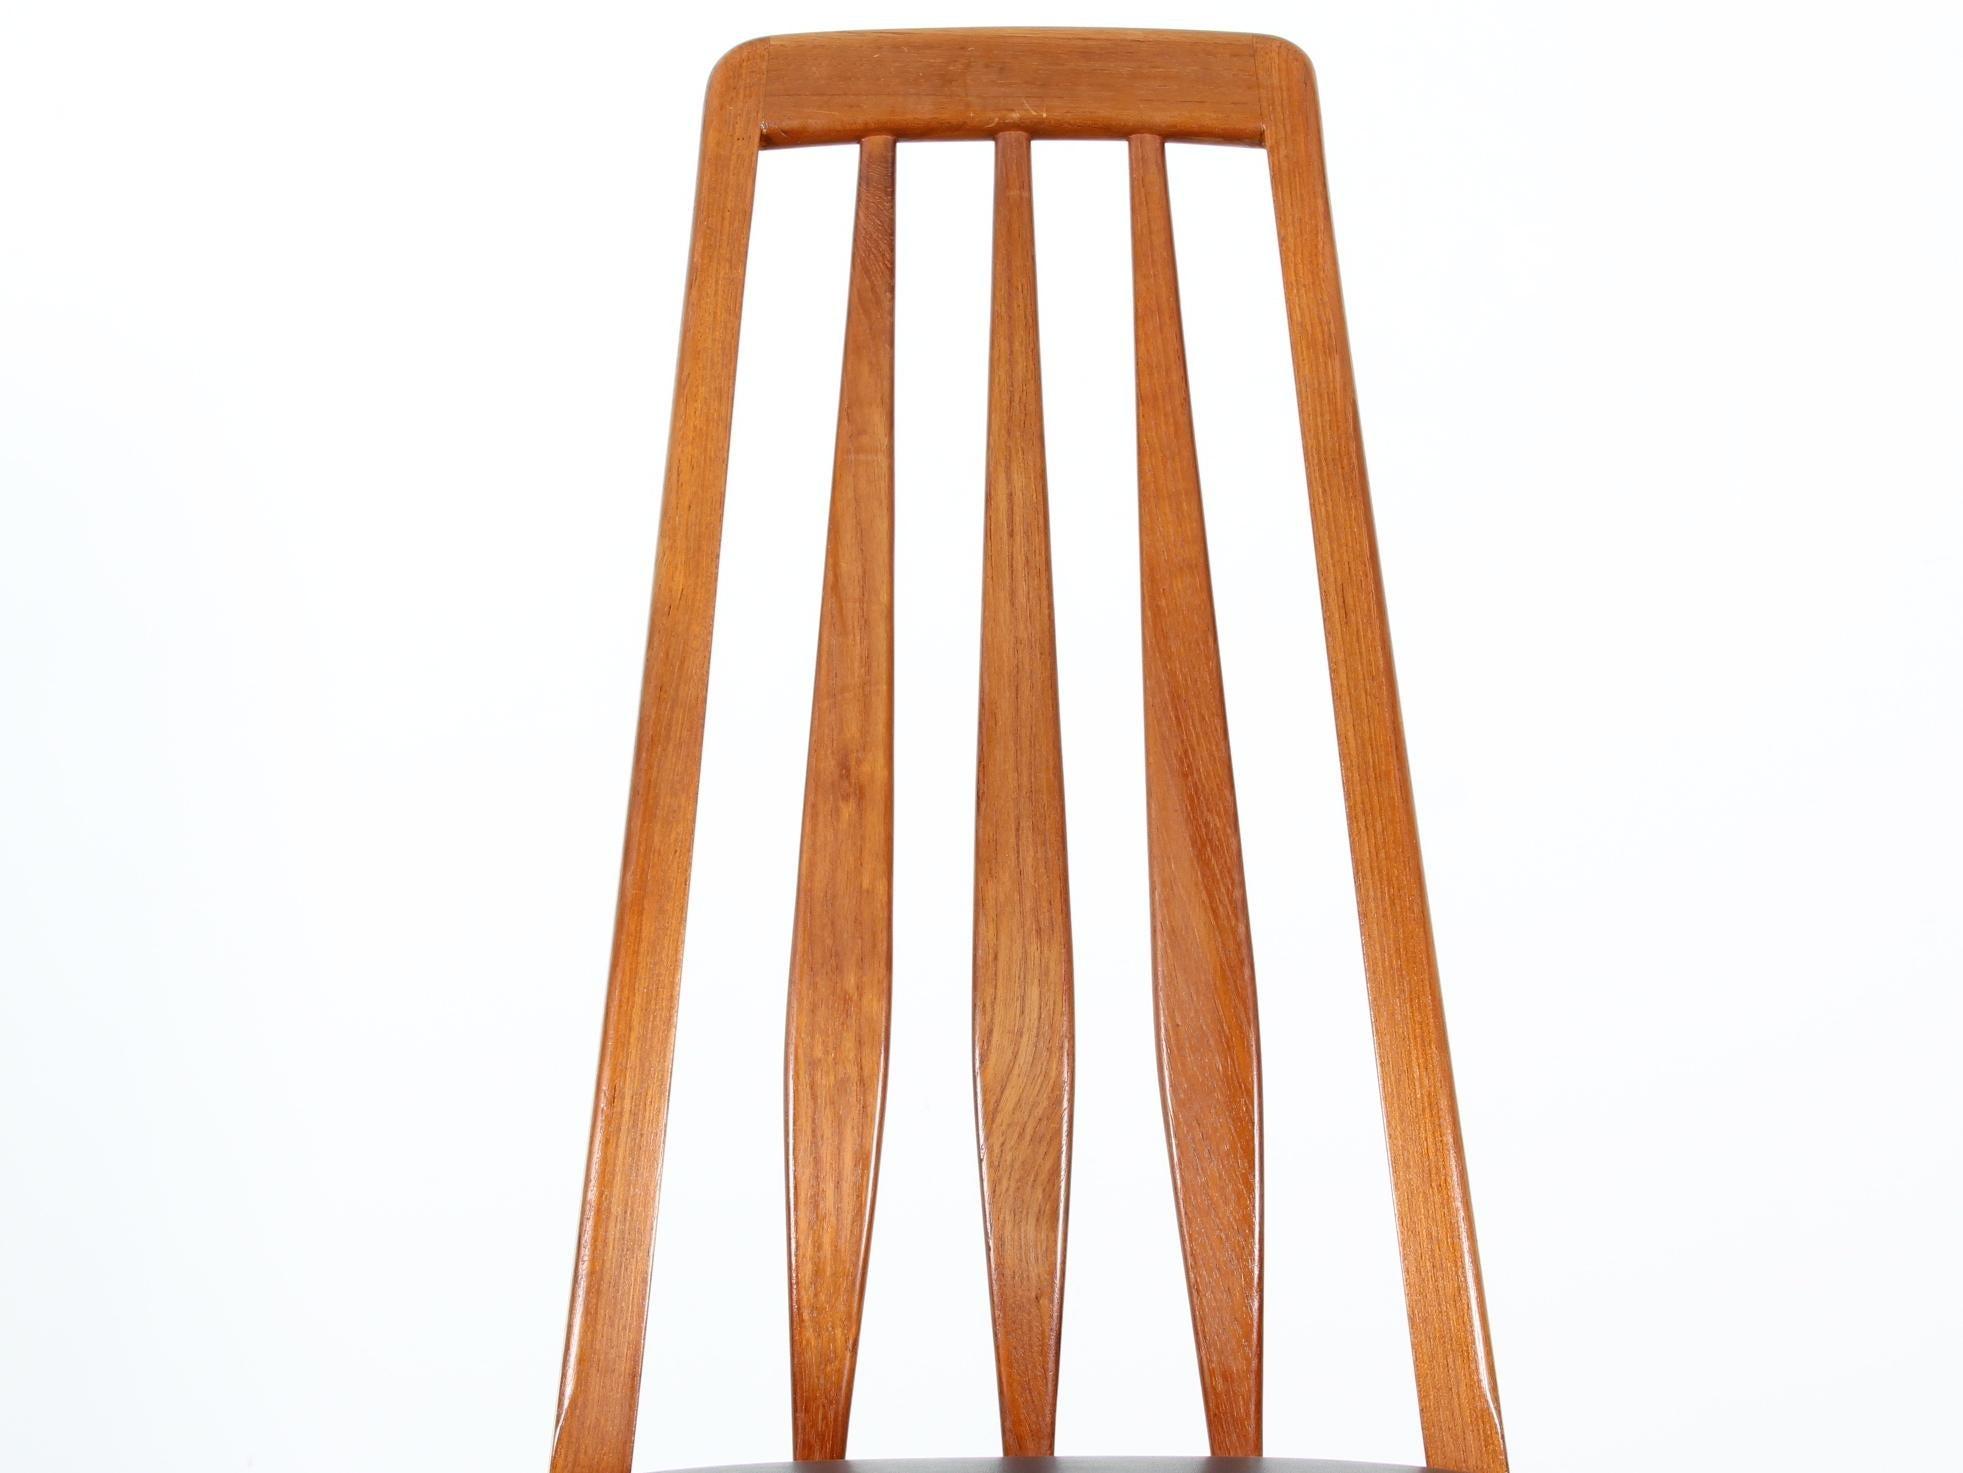 Mitte Des Jahrhunderts Moderner Skandinavischer Satz Von 4 Stühlen Teakholz  Modele Eva Von Niels Koefo 6